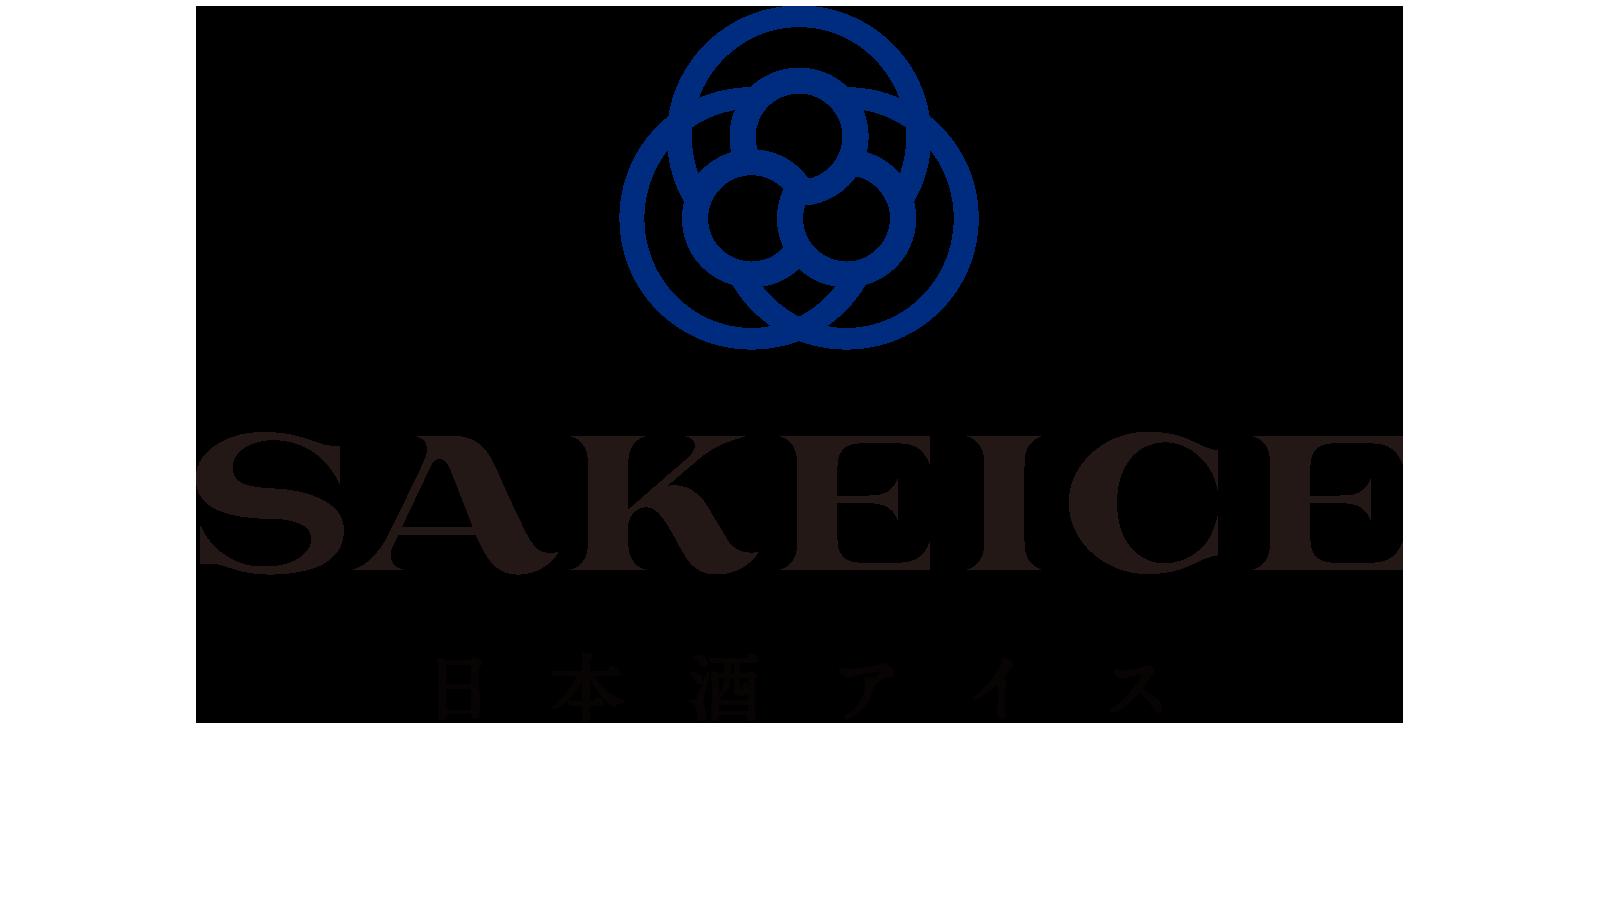 SAKEICE Online Shop (日本酒アイス公式通販)